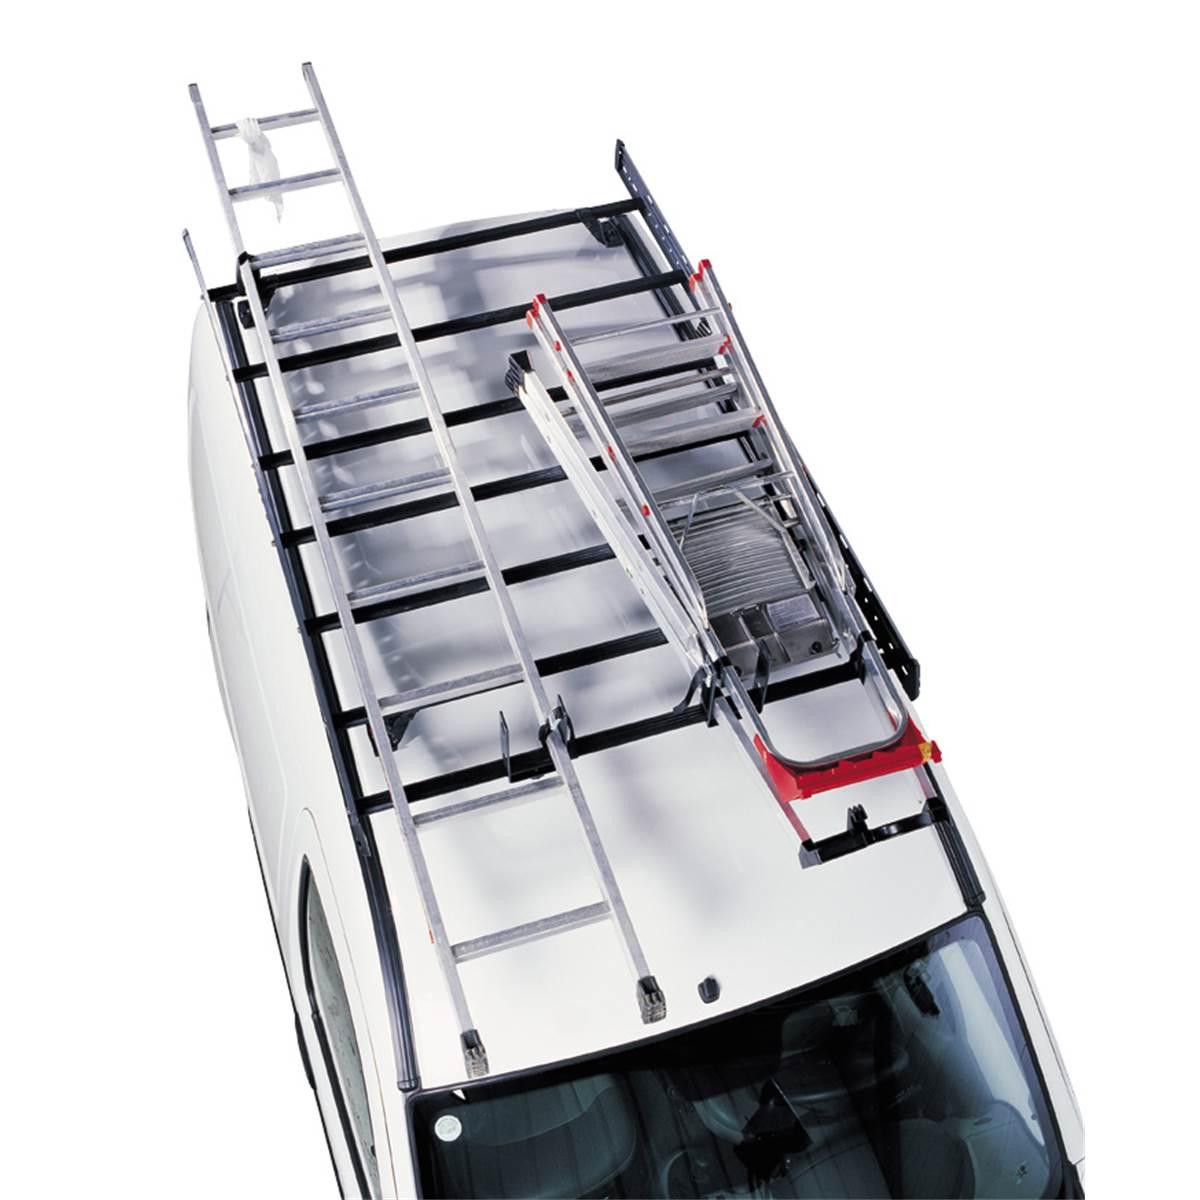 Galerie pour véhicule utilitaire PRO DECK MONT BLANC 608